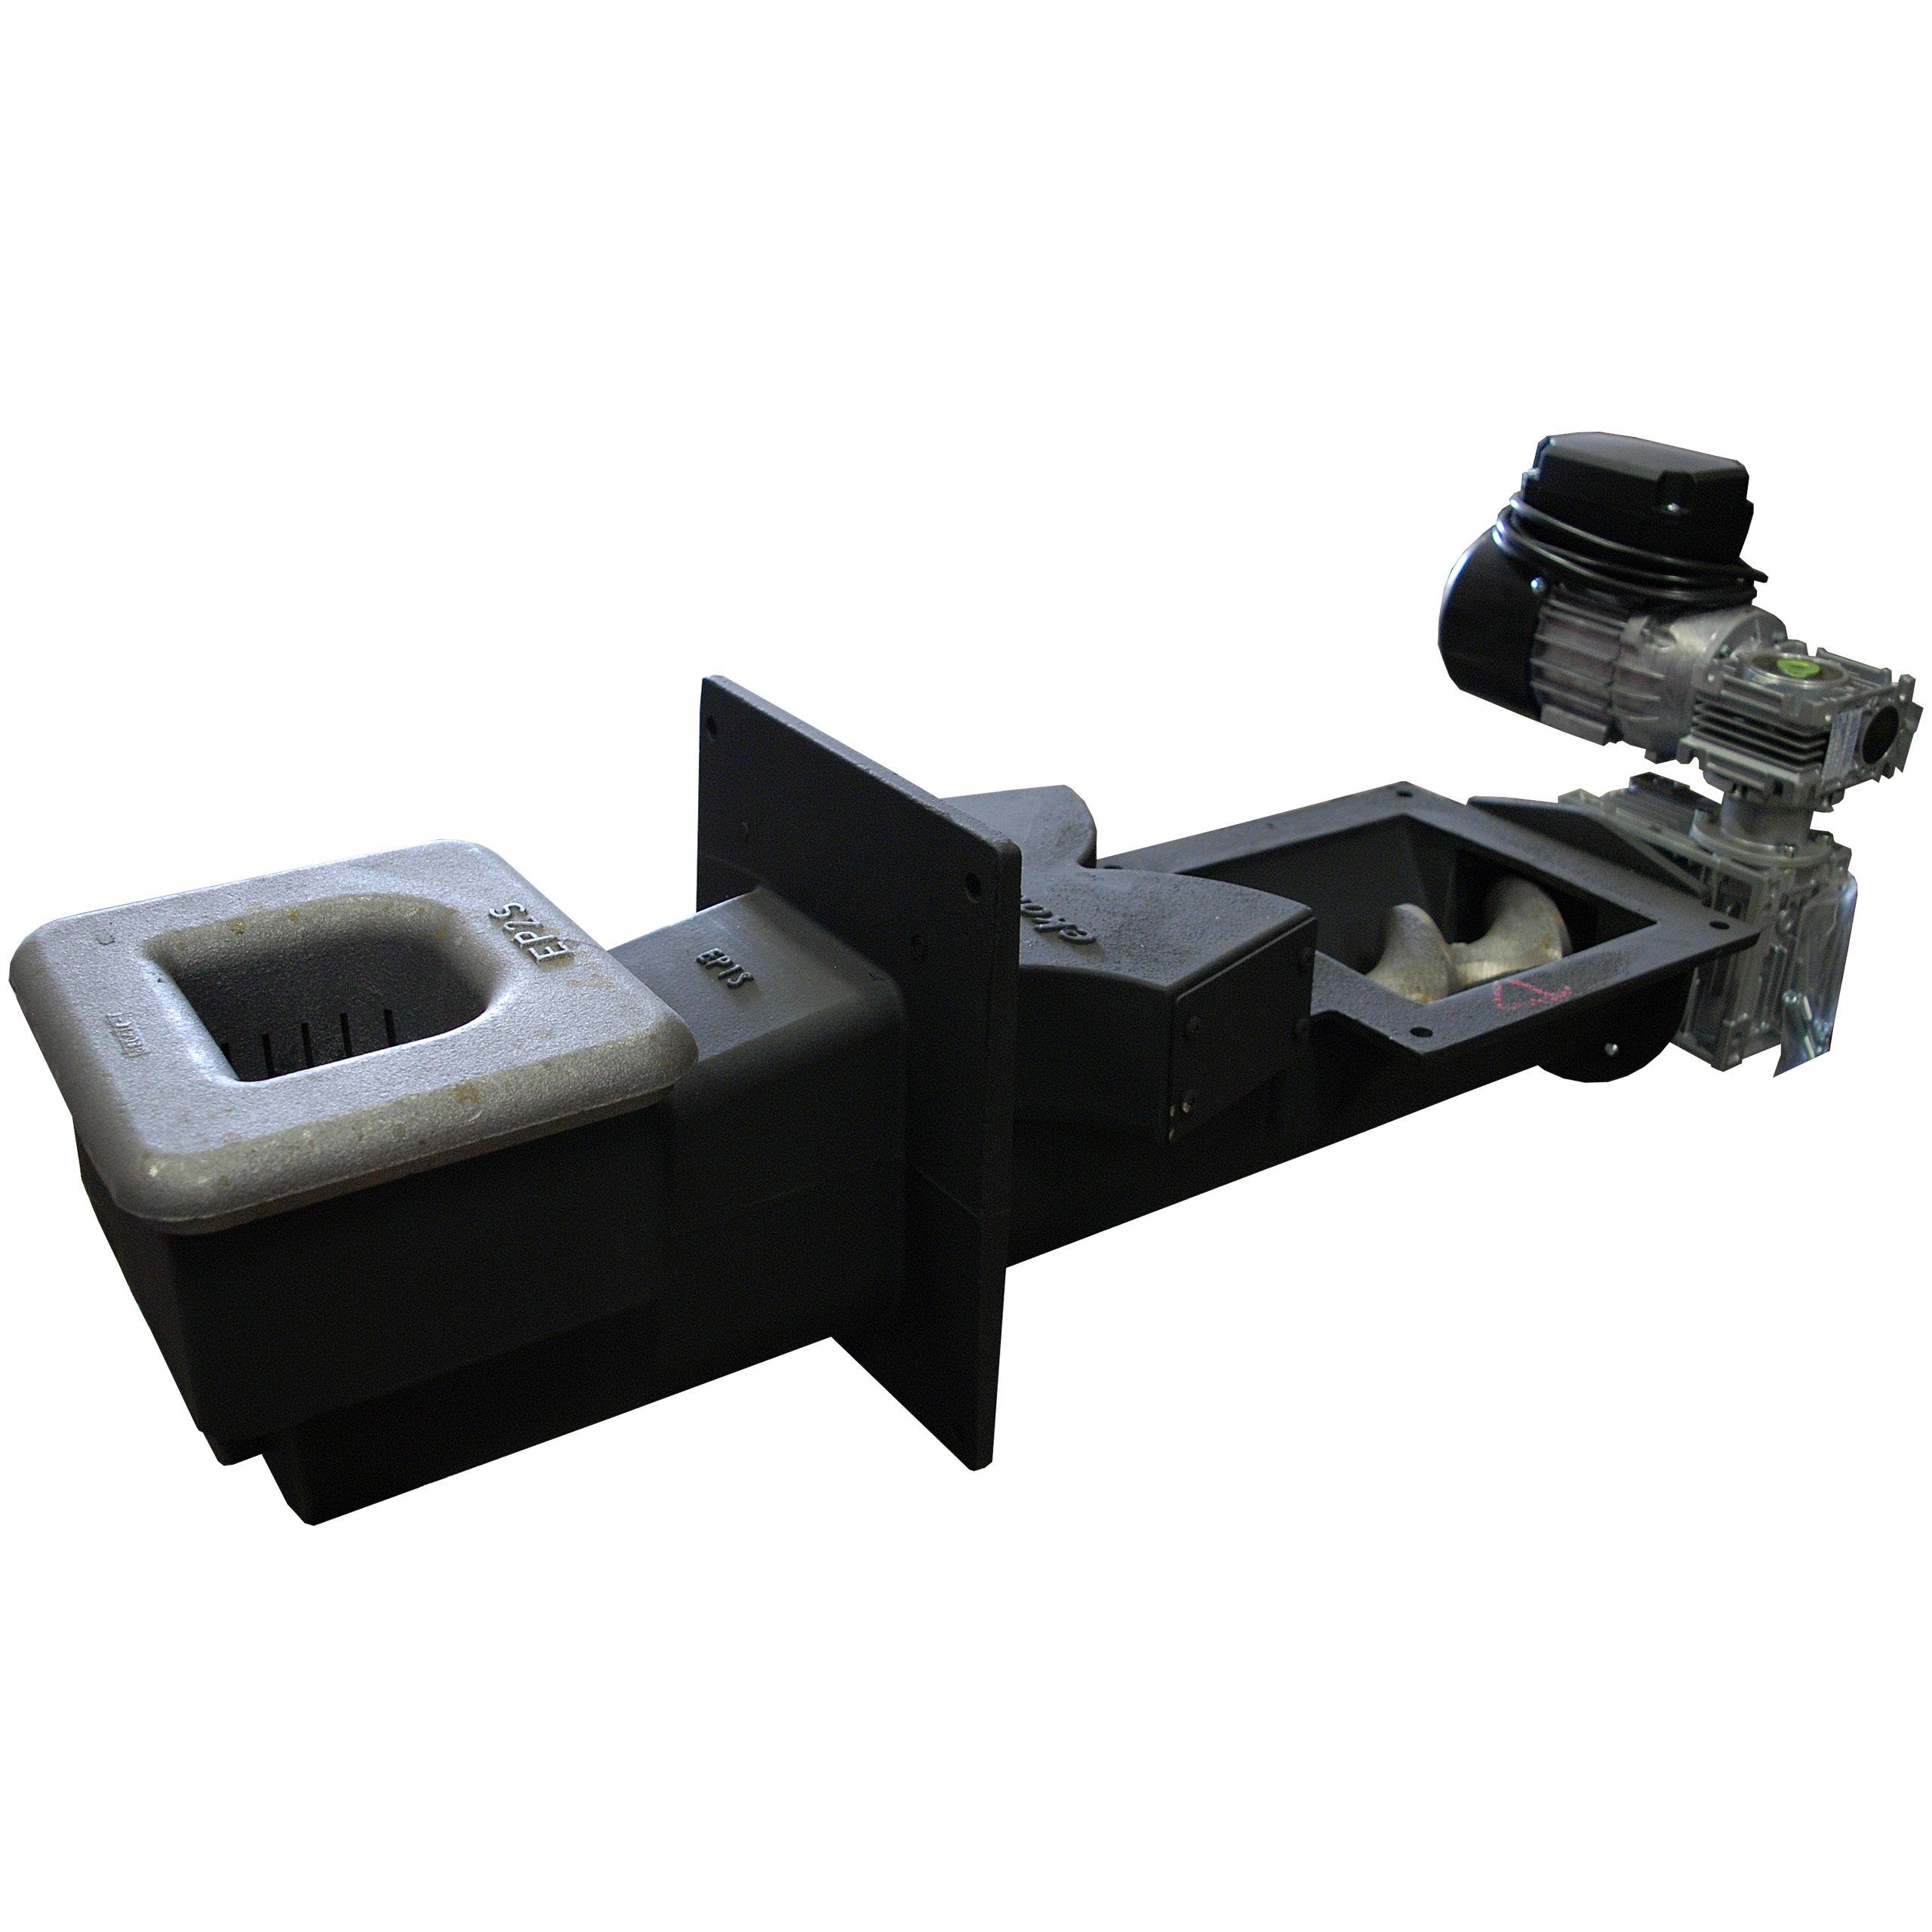 Podávač pre ekologické hrachové uhlie a jemné uhlie EKOENERGIA 15 kW Kód produktu 11176